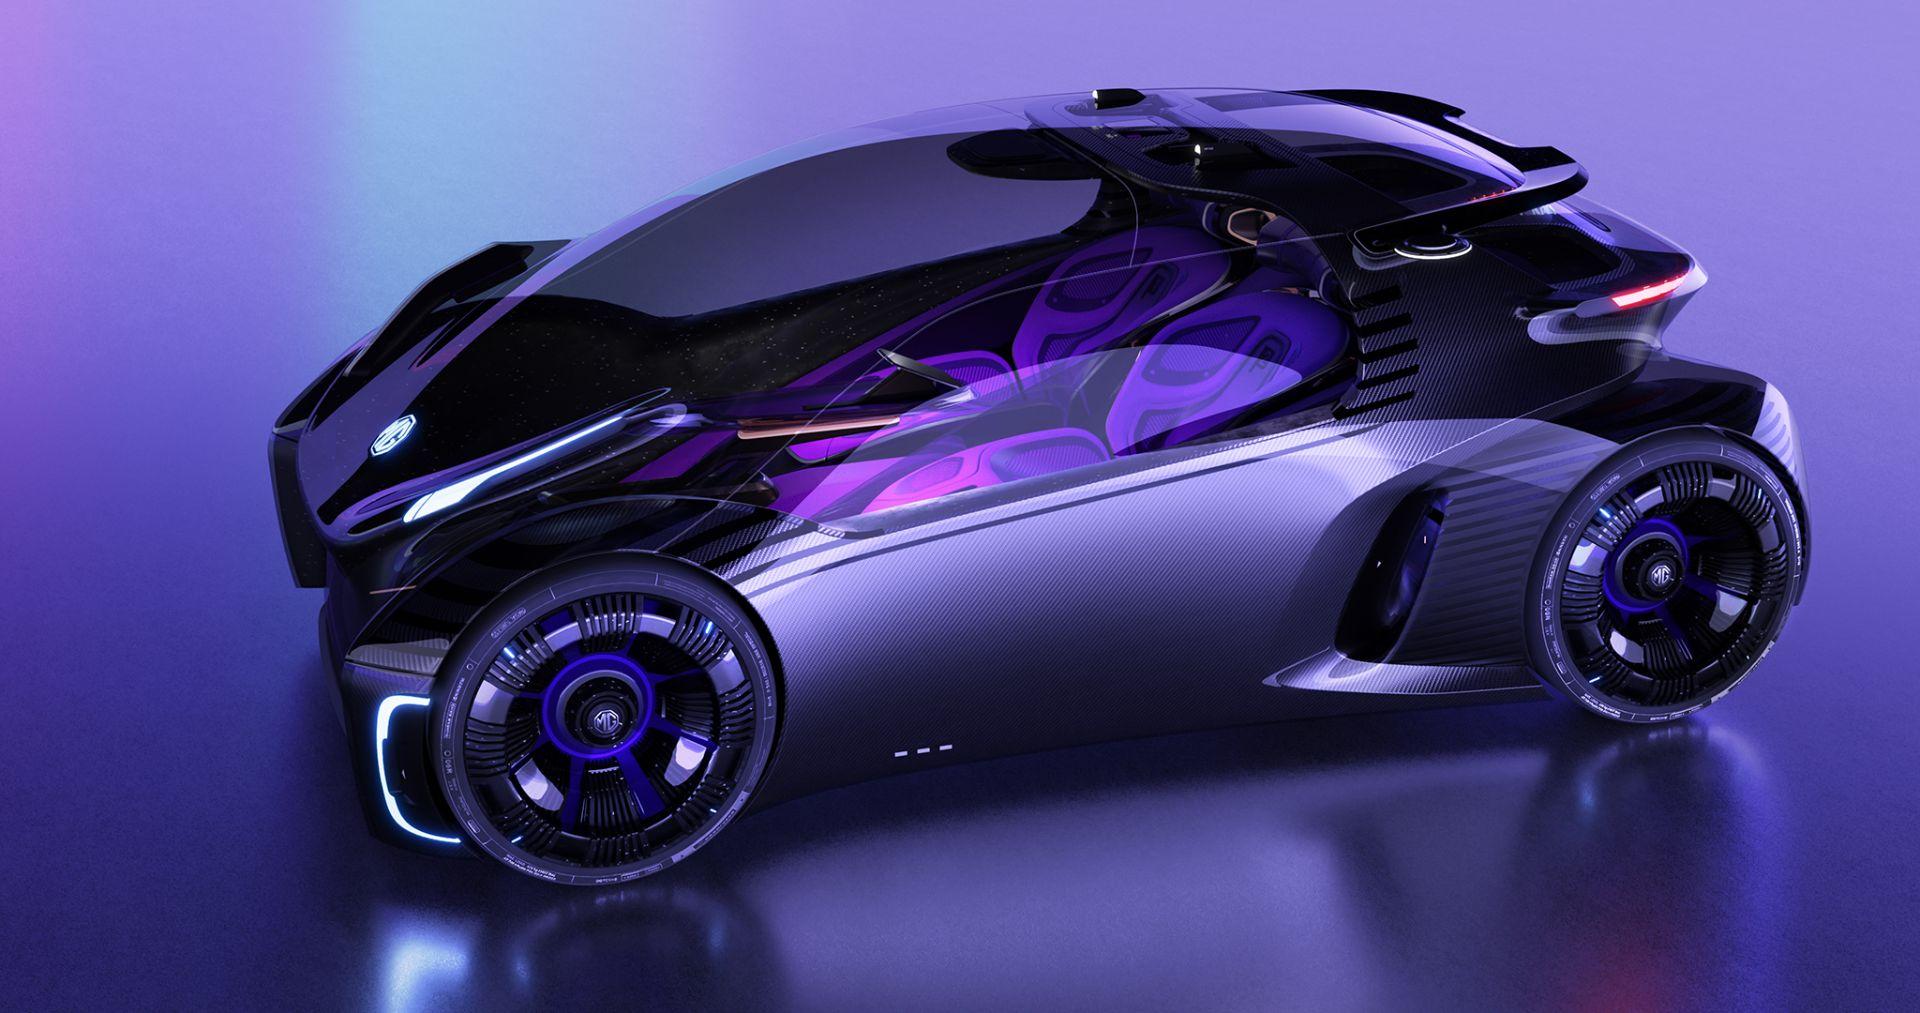 کانسپت «ام جی مِیز» معرفی شد؛ خودرویی مهیج برای گیمرها